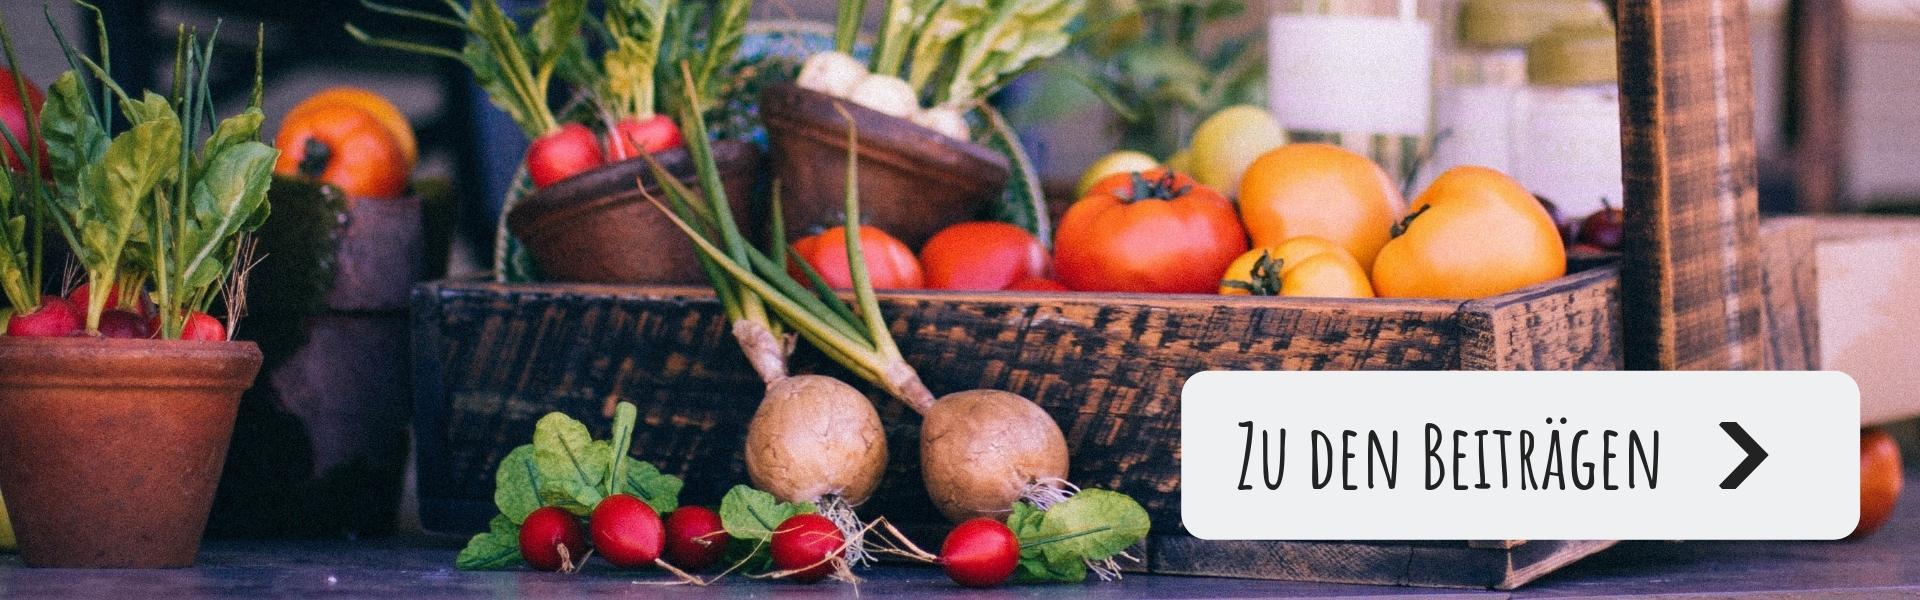 Regionaler Nachhaltigkeits-Blog für den Norden: Leckere und nachhaltige Rezepte mit regionalen Zutaten